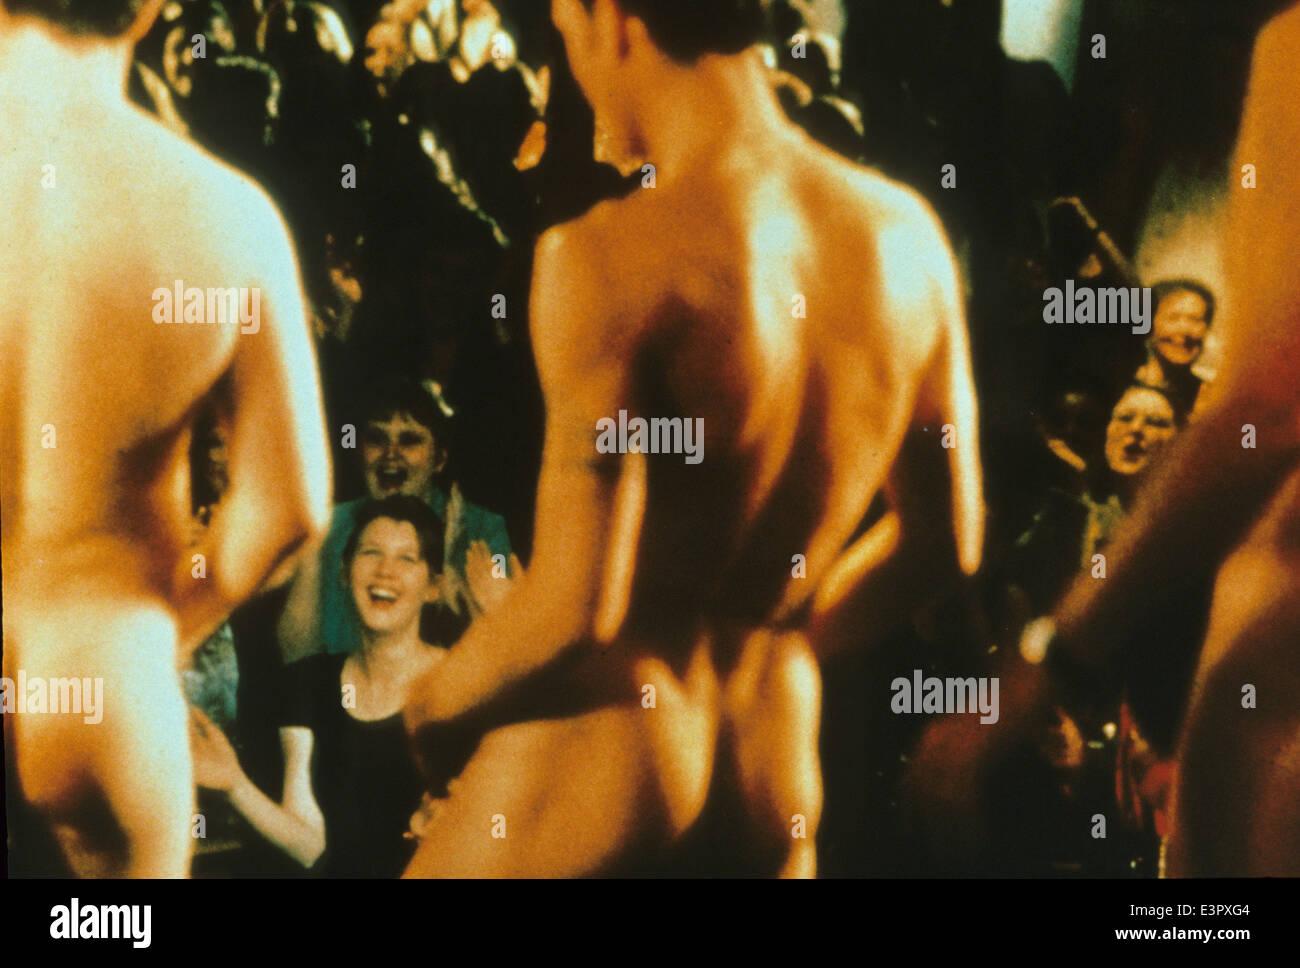 FULL MONTY 1997 Vigésimo Siglo Fox Film Imagen De Stock